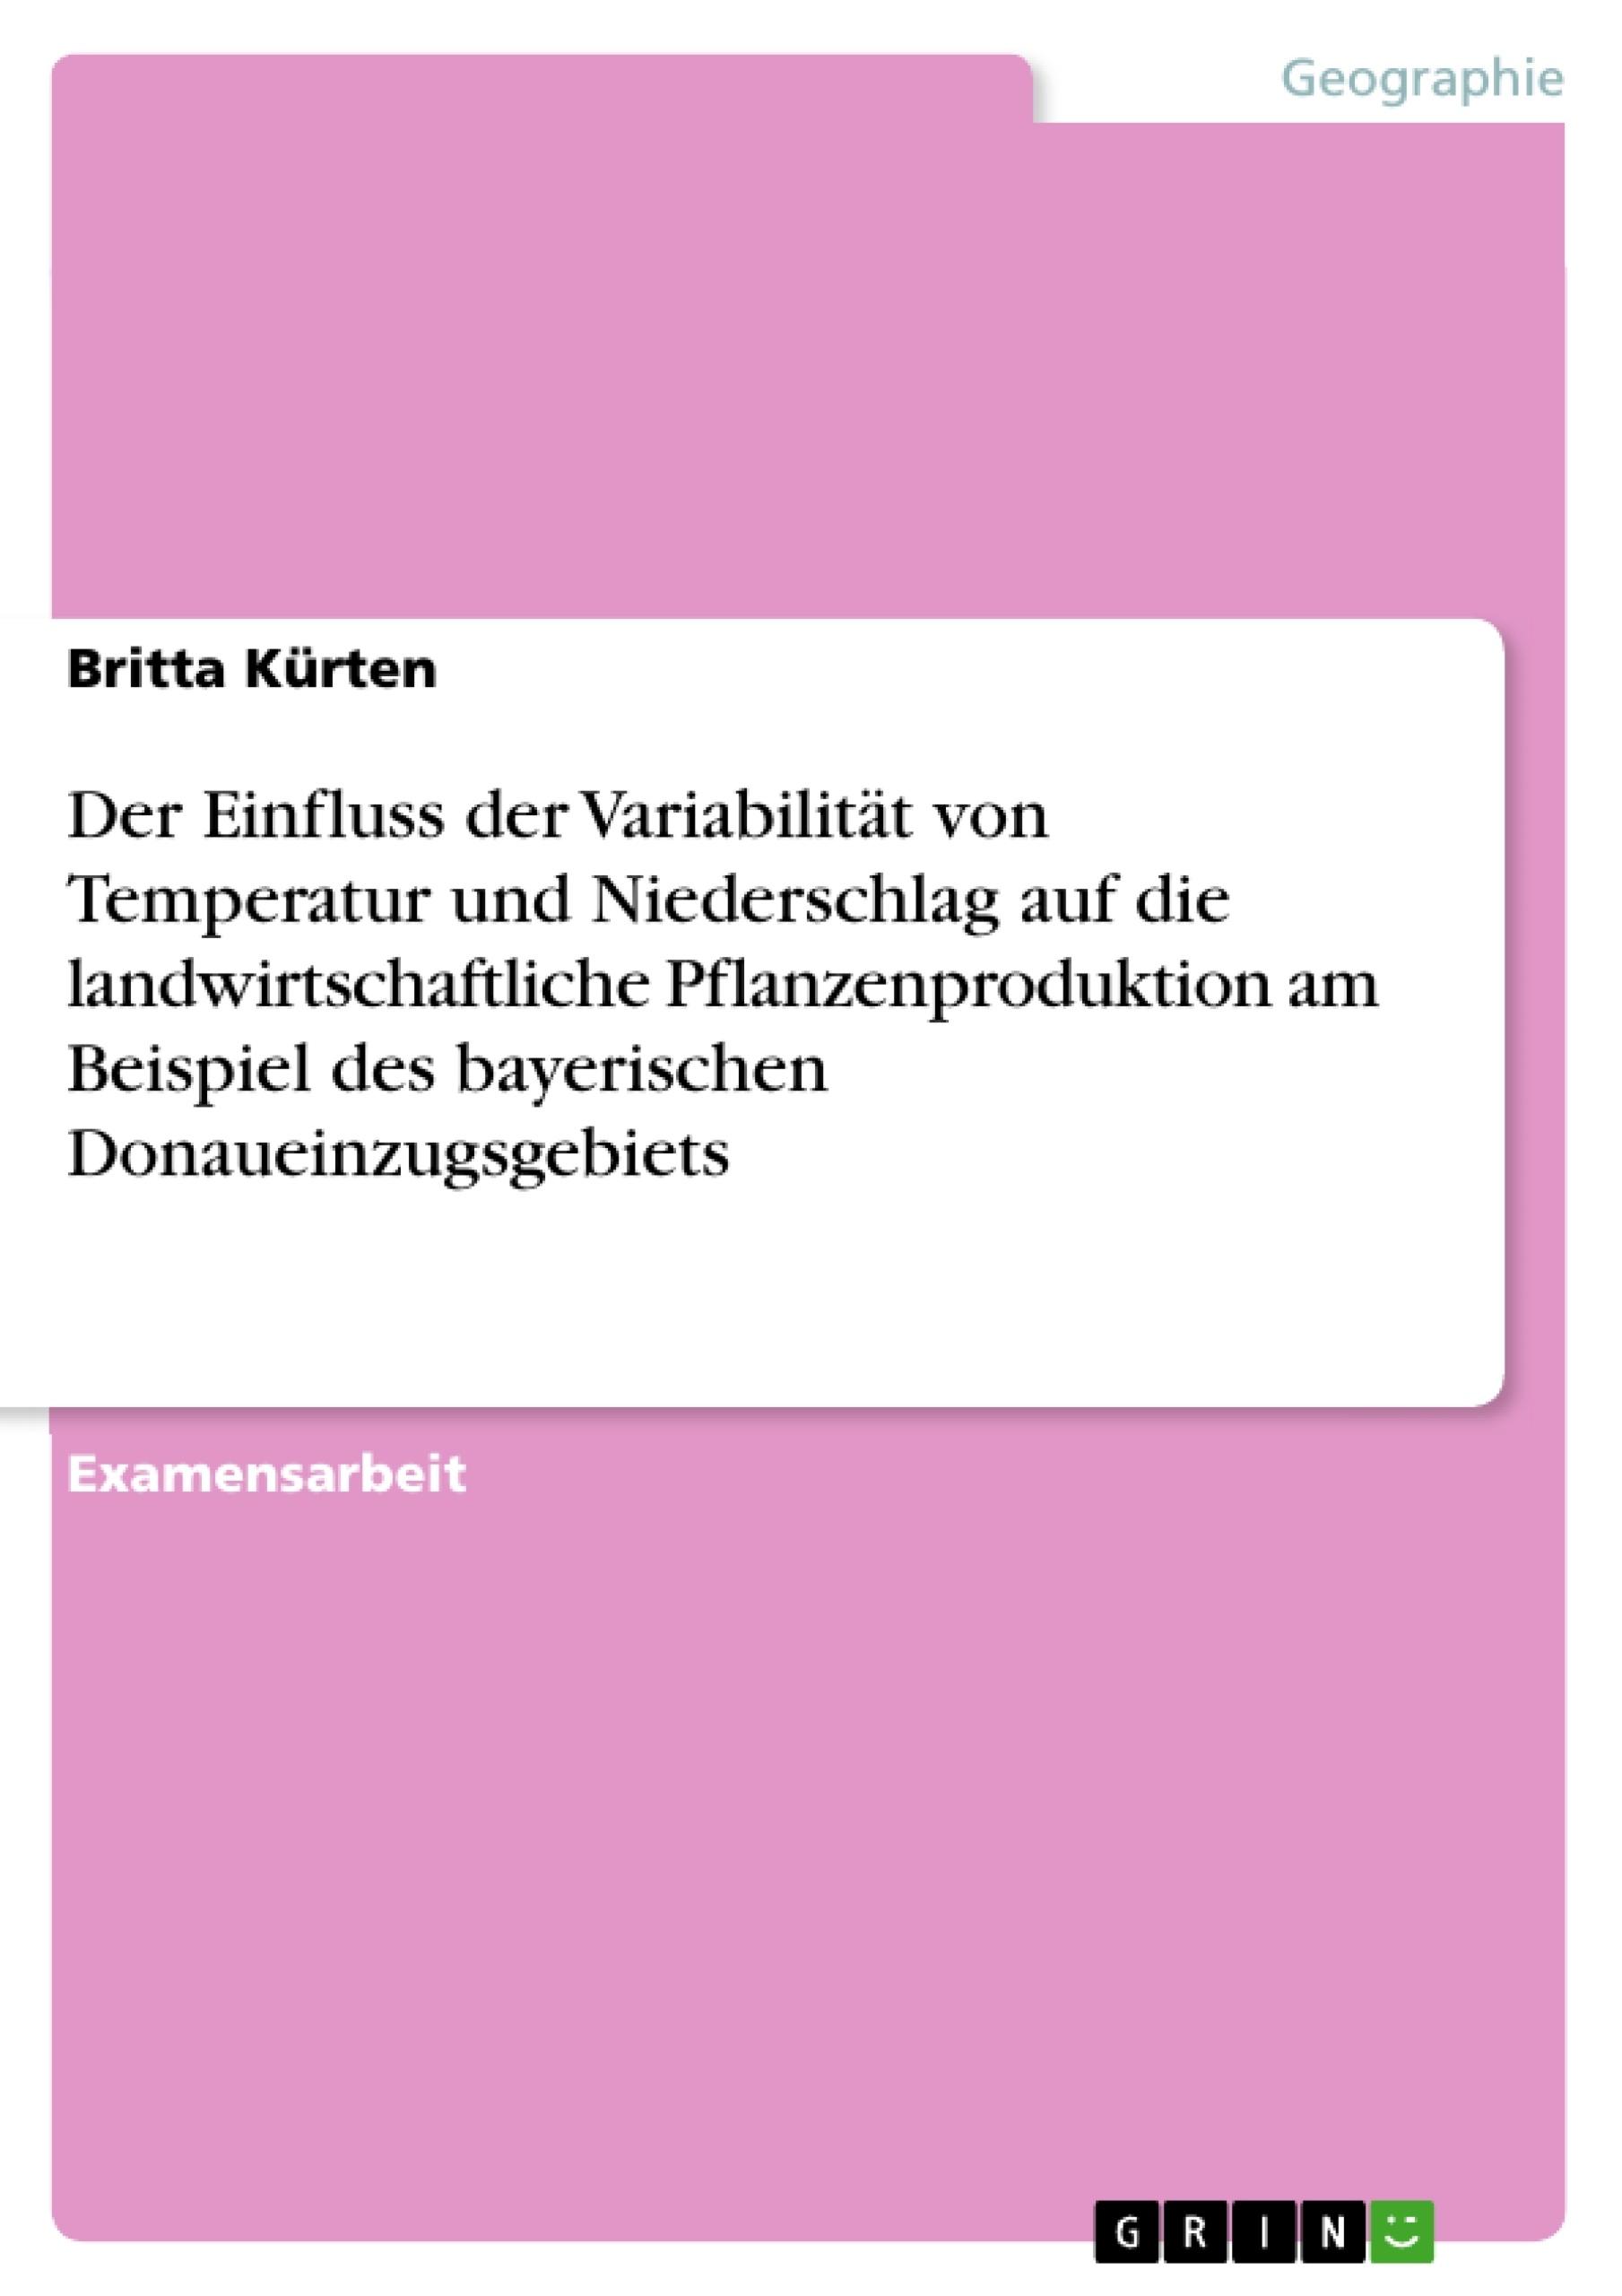 Titel: Der Einfluss der Variabilität von Temperatur und Niederschlag auf die landwirtschaftliche Pflanzenproduktion am Beispiel des bayerischen Donaueinzugsgebiets